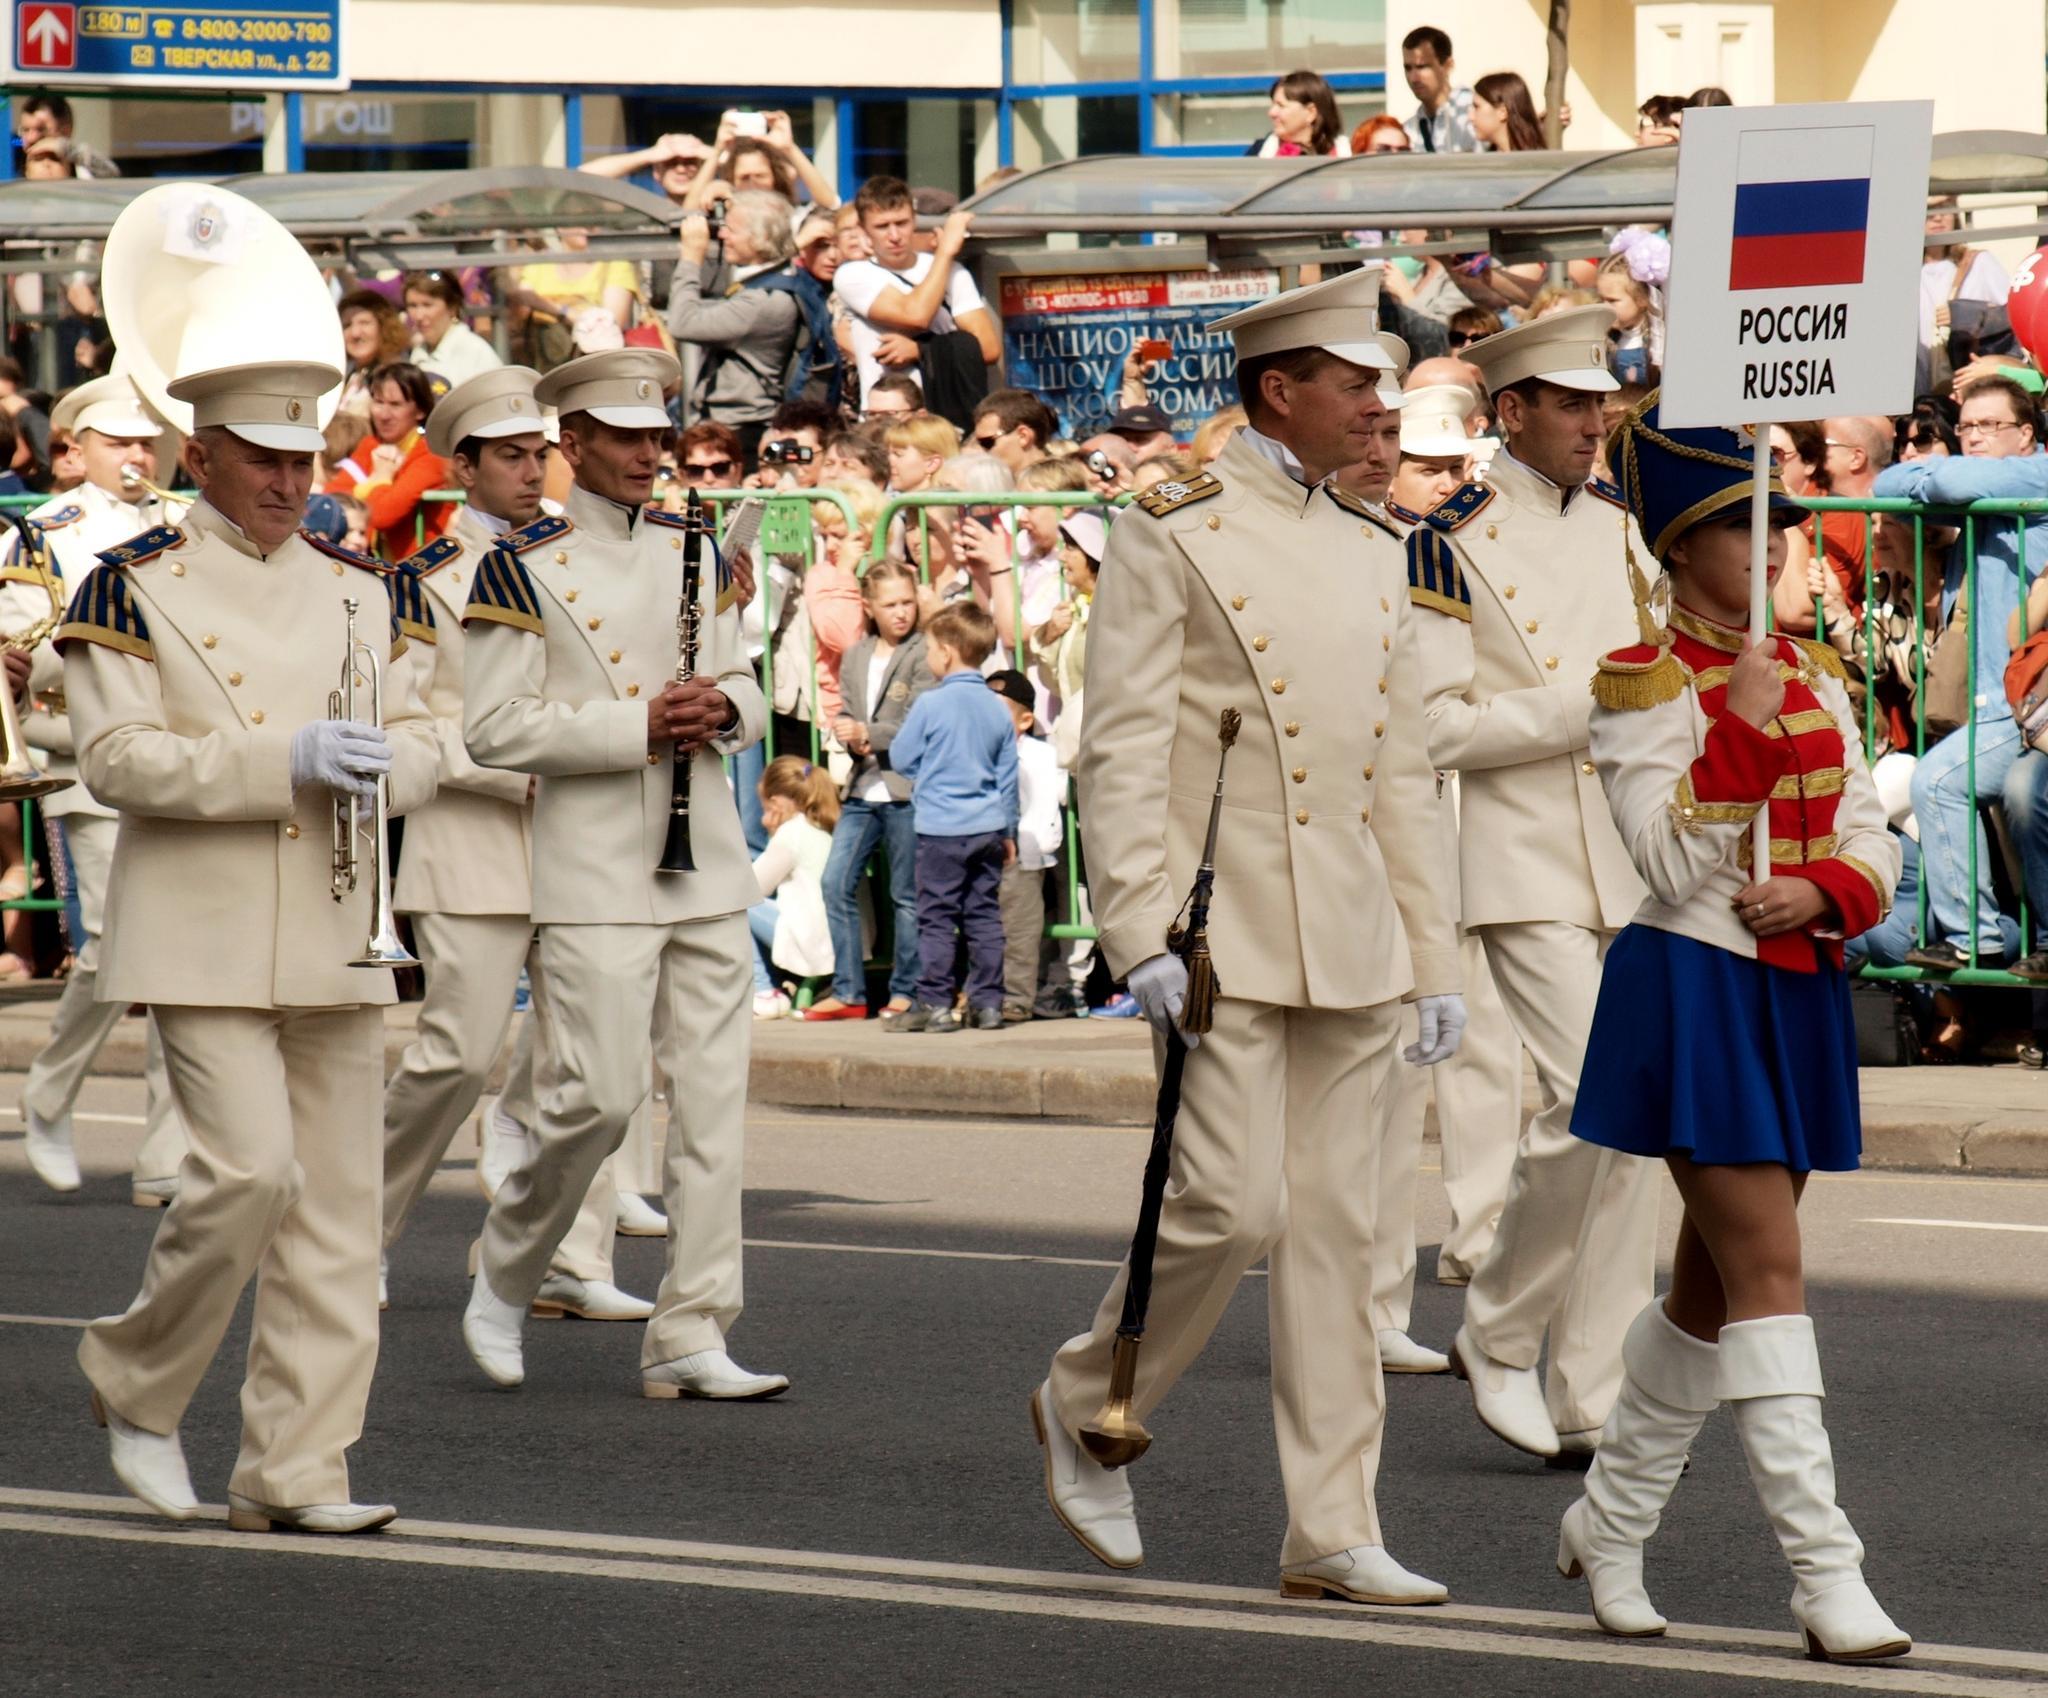 Президентский оркестр России. Фотография Малец Михаила Георгиевича